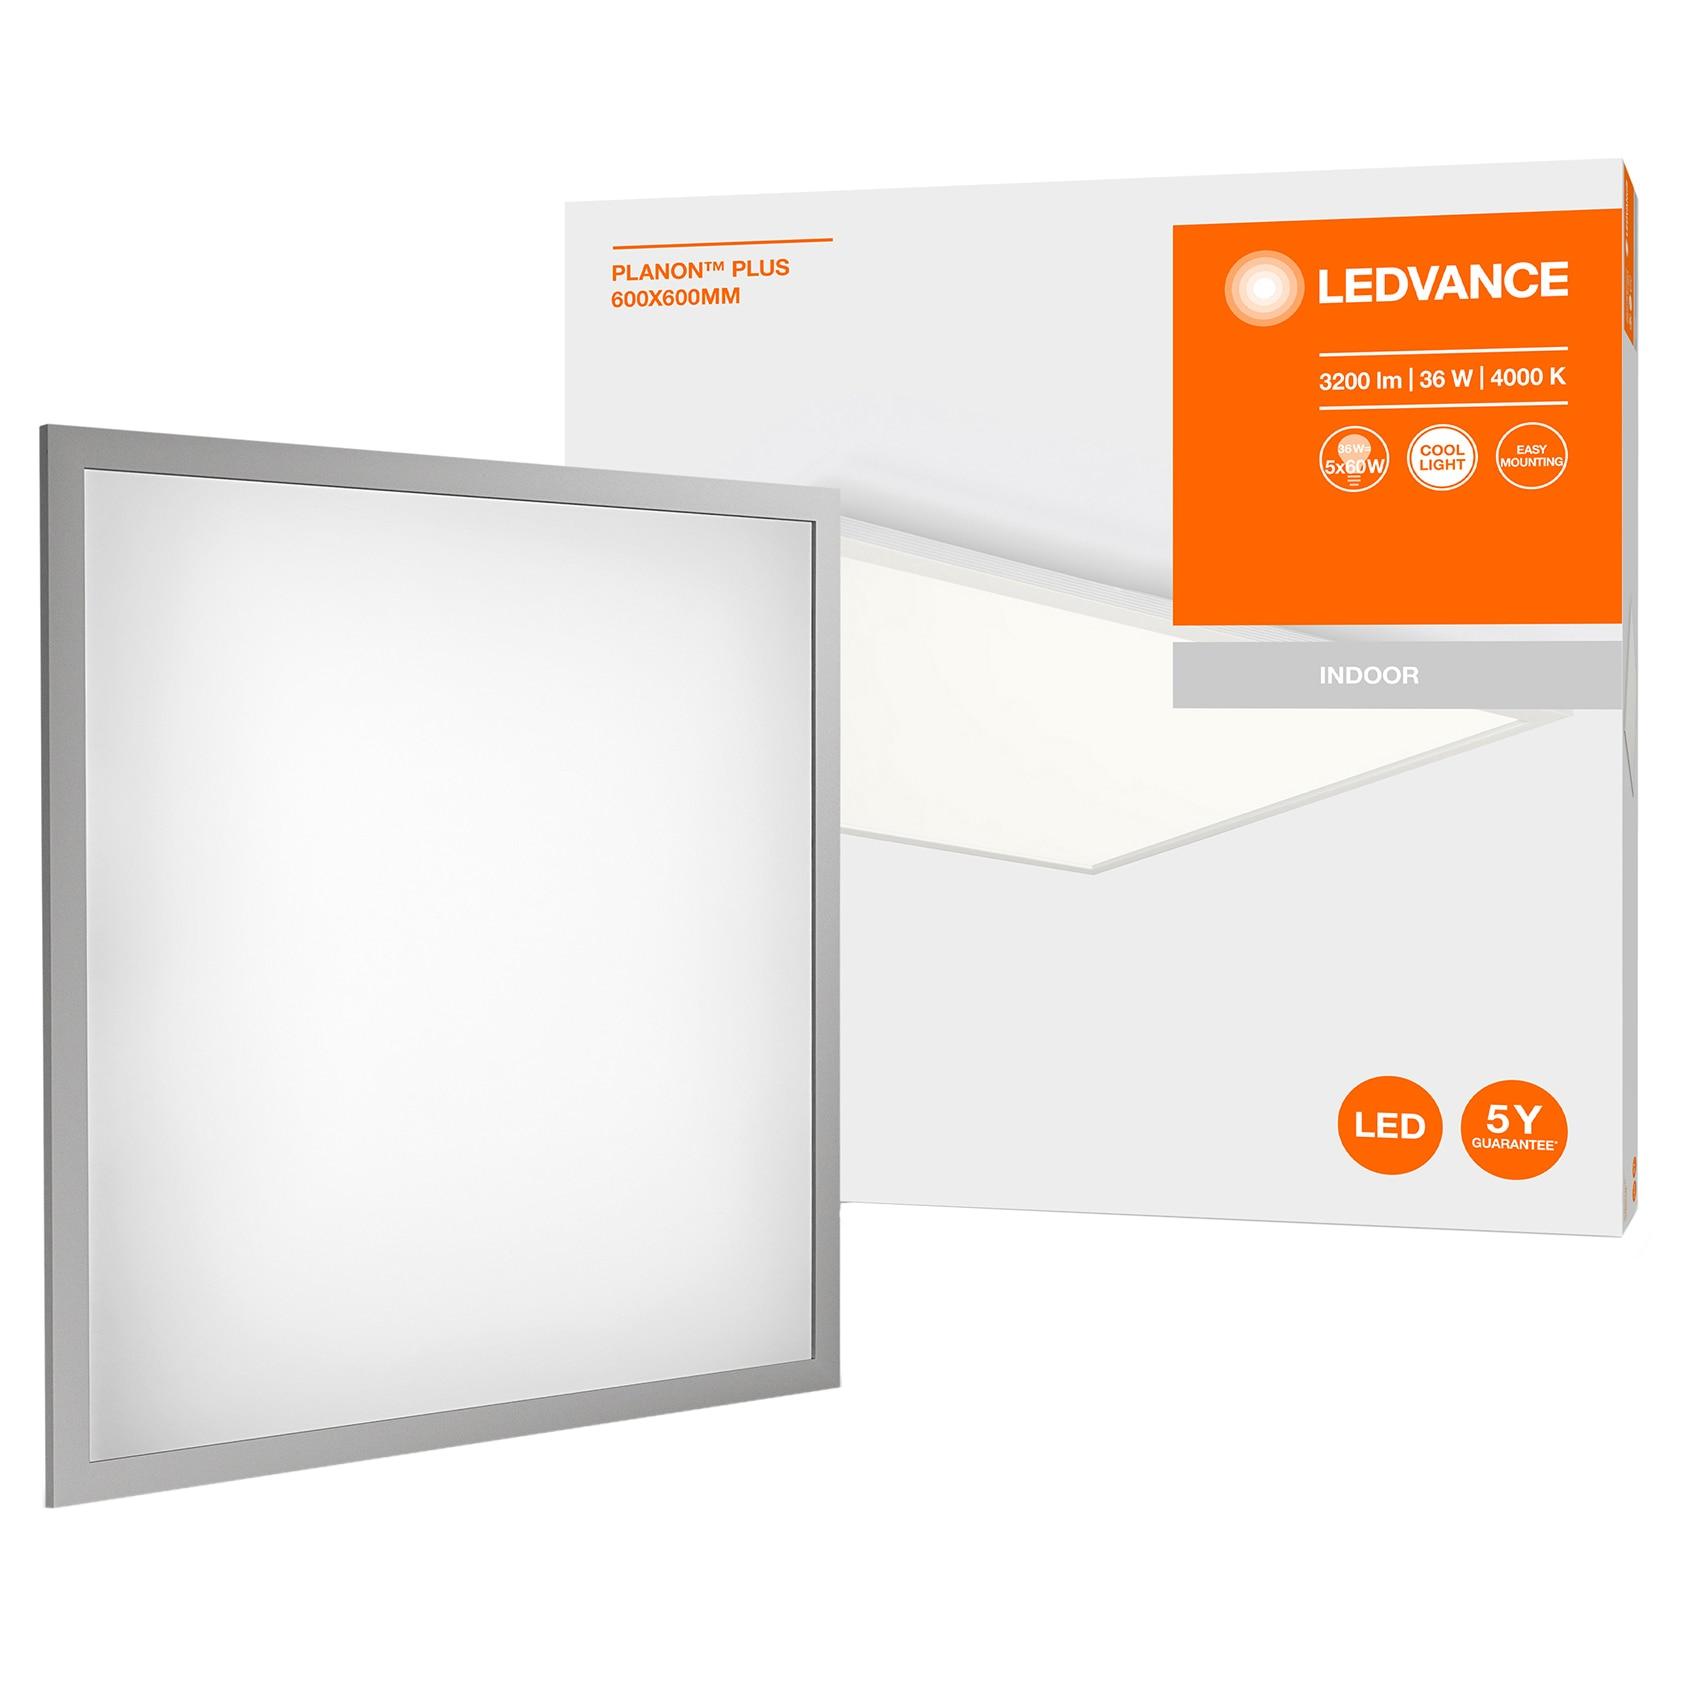 Fotografie Panou LED Ledvance Planon Plus, 36W, montaj aplicat, 3200 lm, lumina neutra (4000 K), IP20, 595x595x46.6 mm